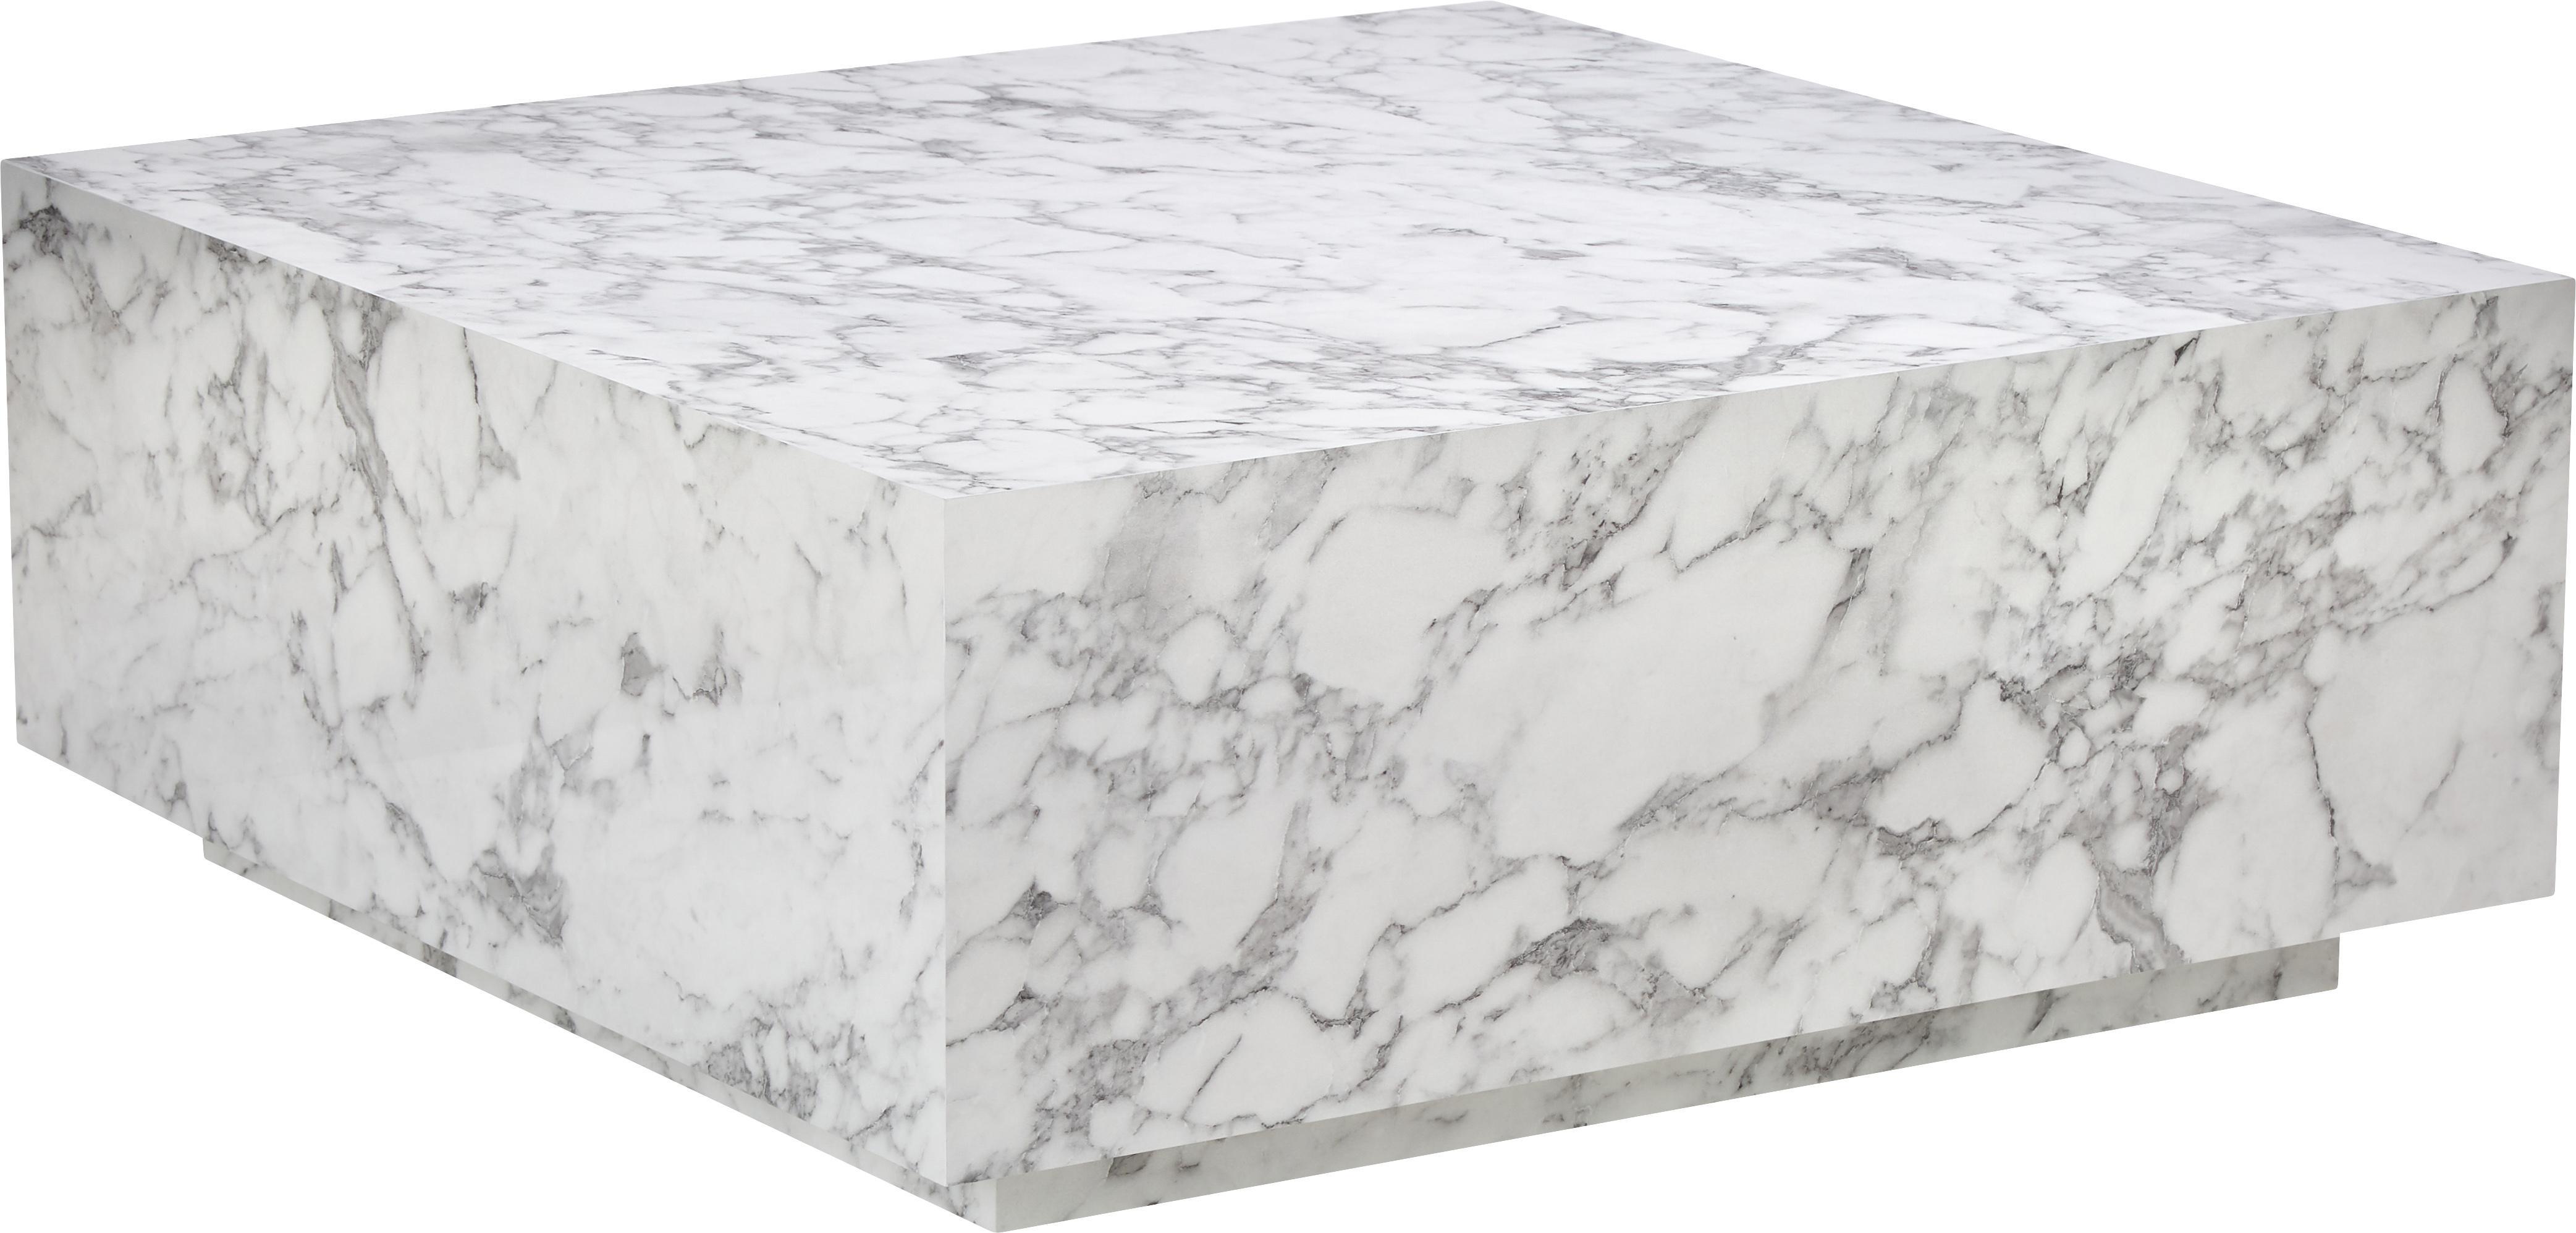 Stolik kawowy z imitacji marmuru Lesley, Płyta pilśniowa średniej gęstości (MDF) pokryta folią melaminową, Biały, marmurowy, błyszczący, S 90 x G 90 cm